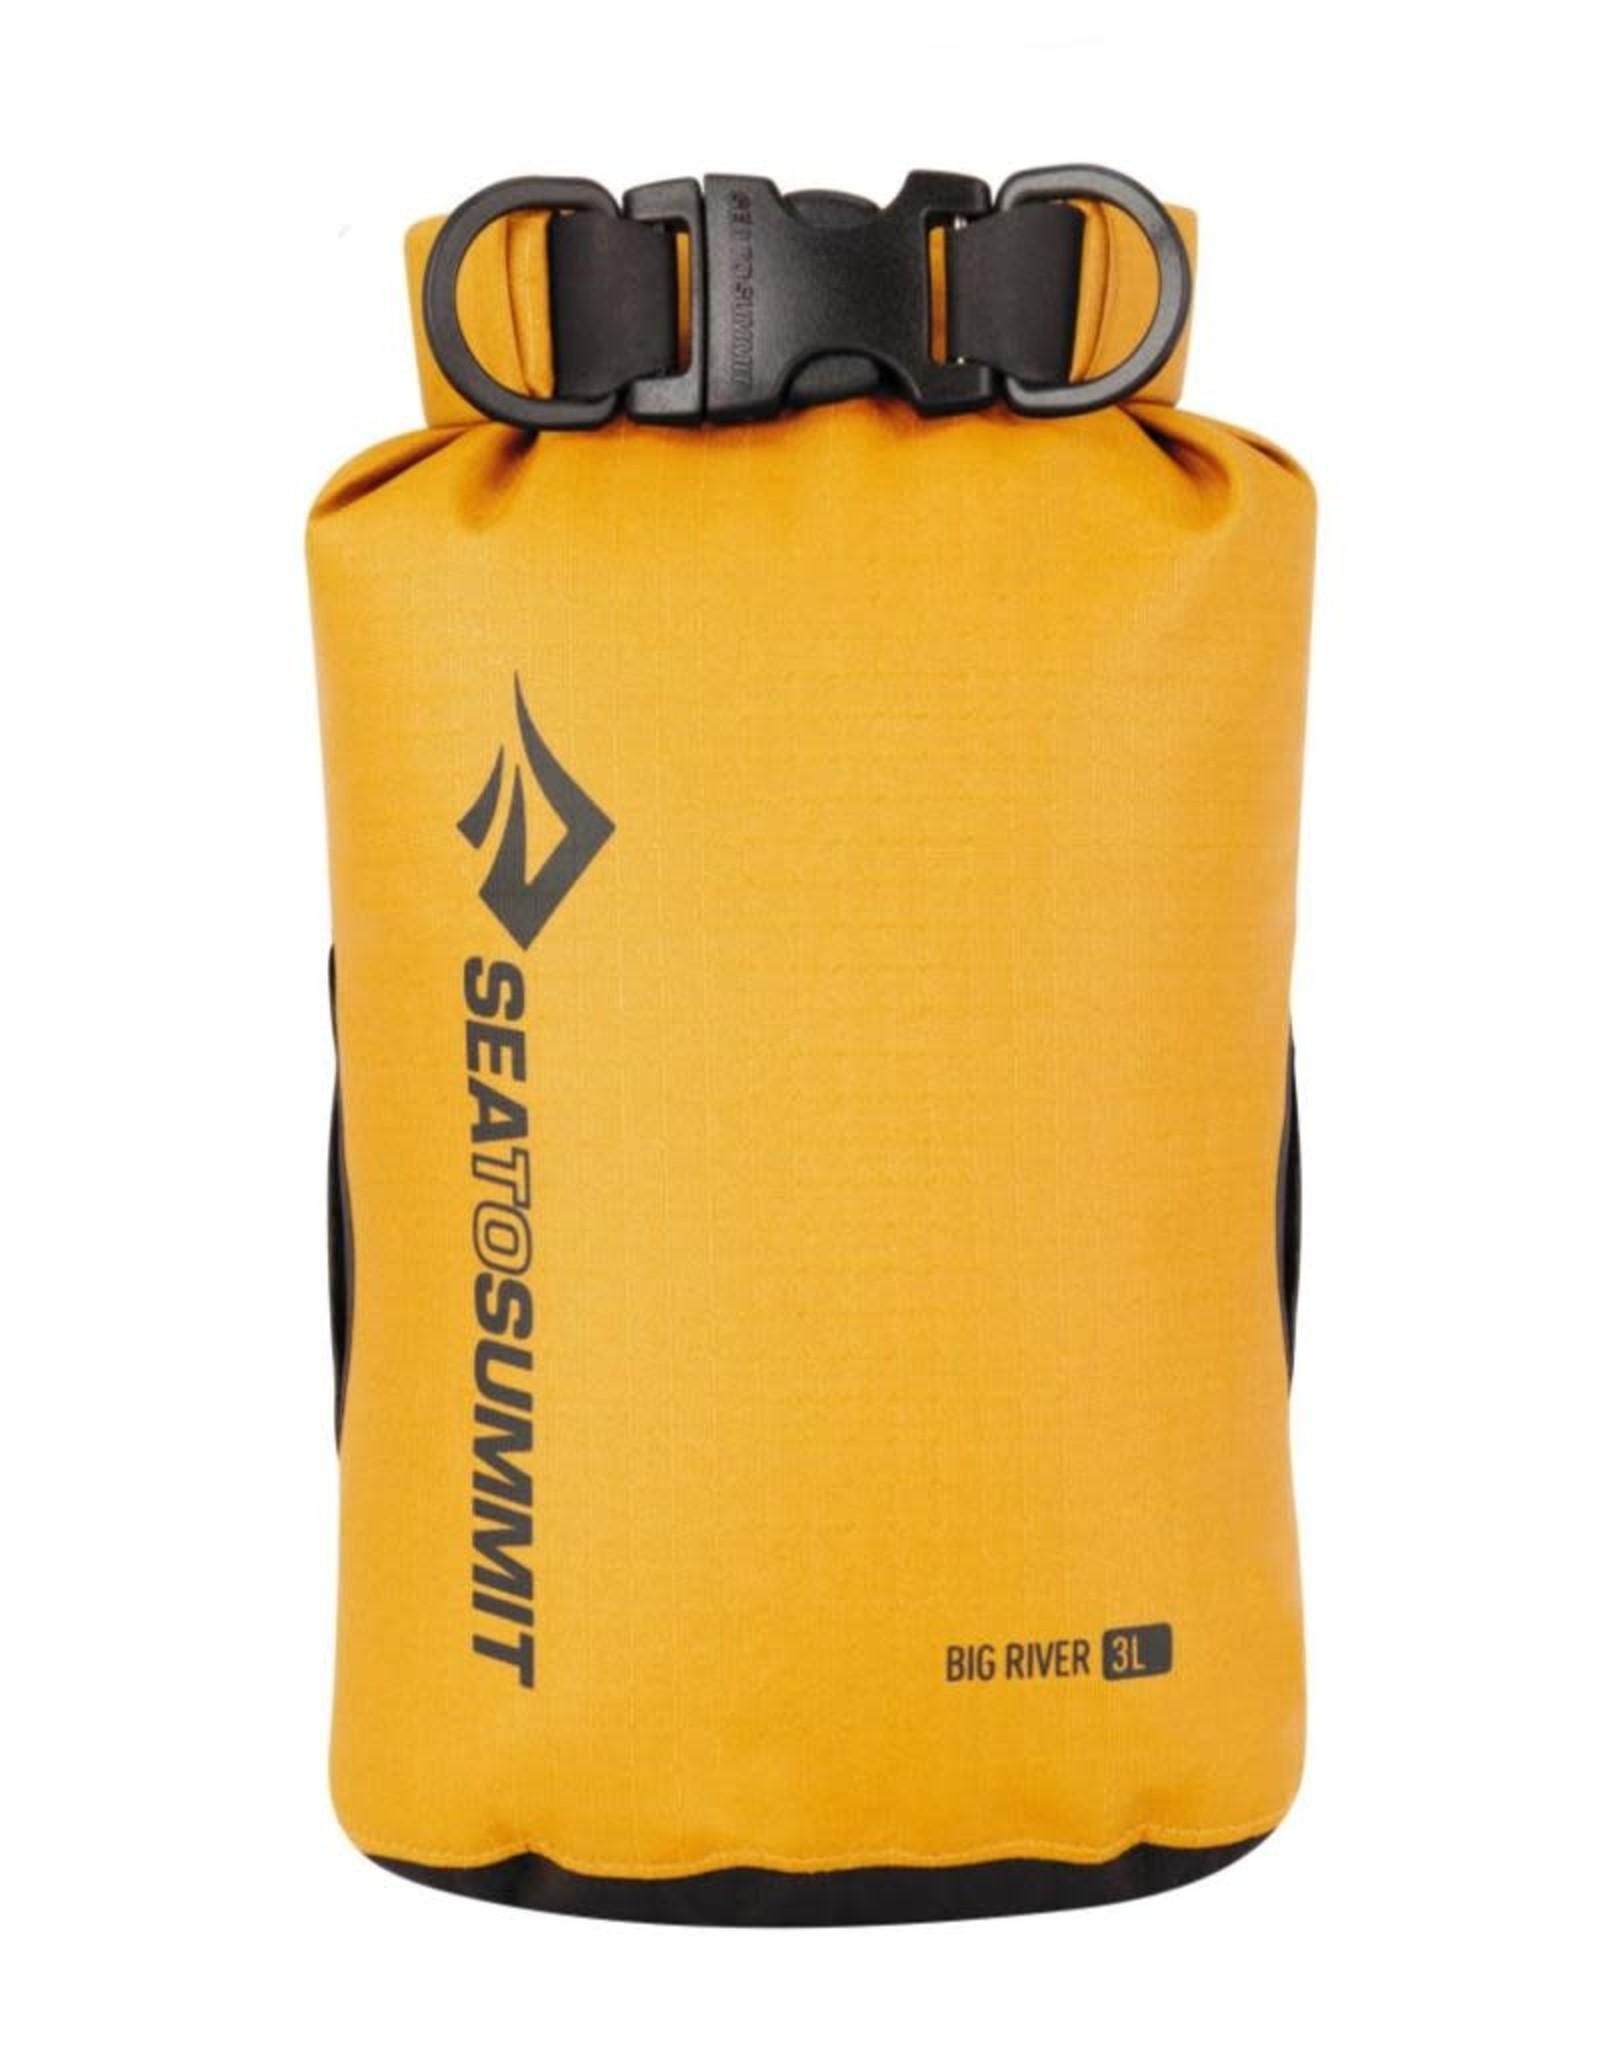 Big River Dry Bag 3L